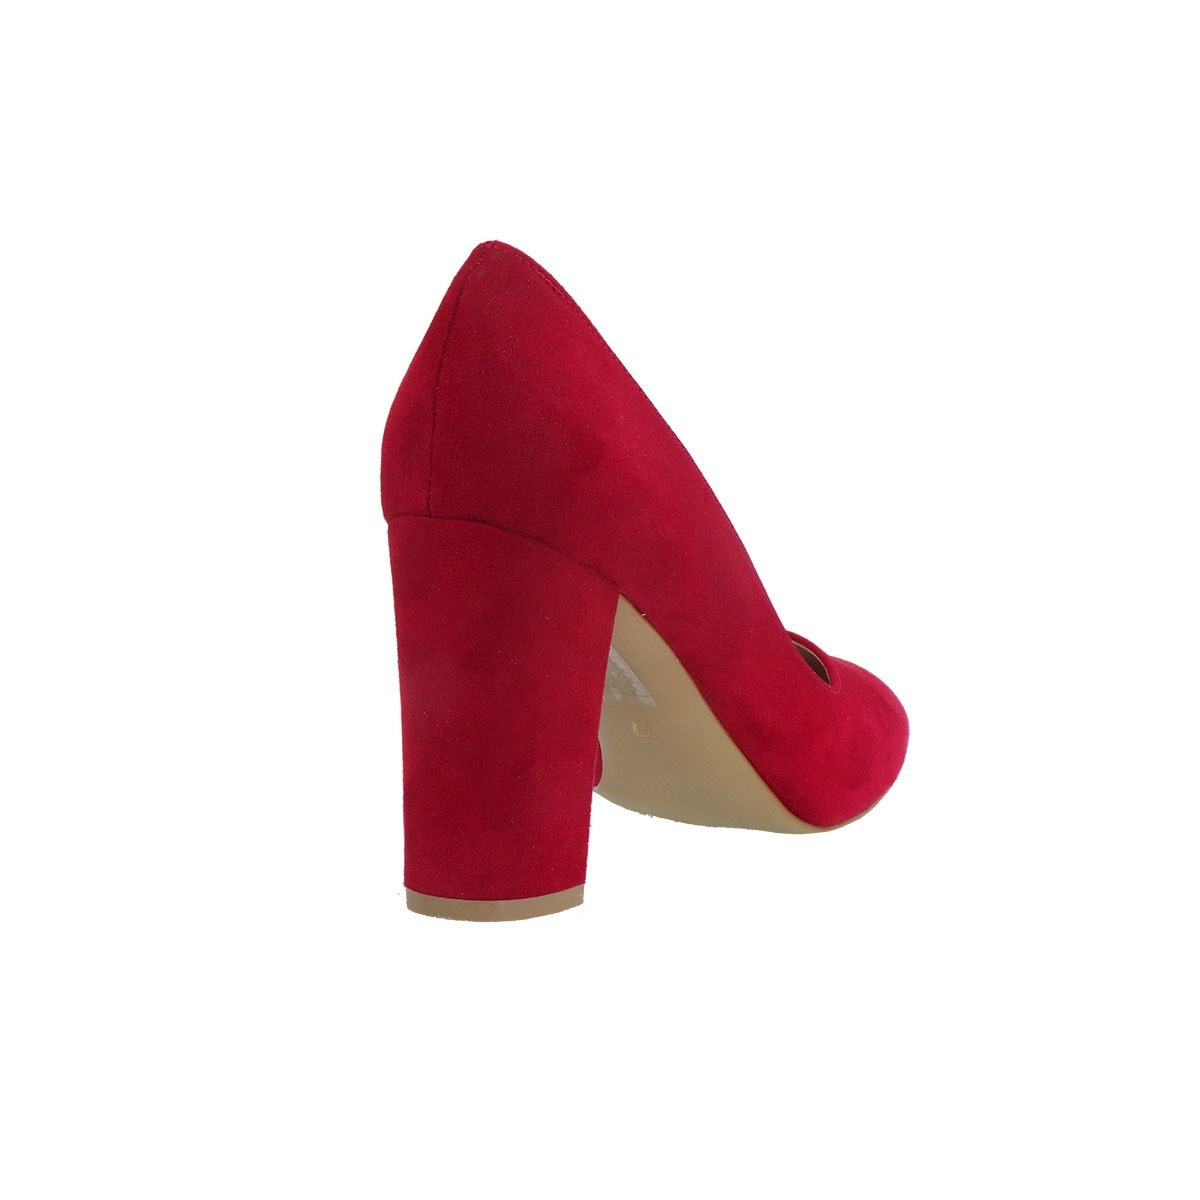 0529a226810 Envie Shoes Γυναικείες Παπούτσια Γόβες E02-07415 Κόκκινο Καστόρι ...